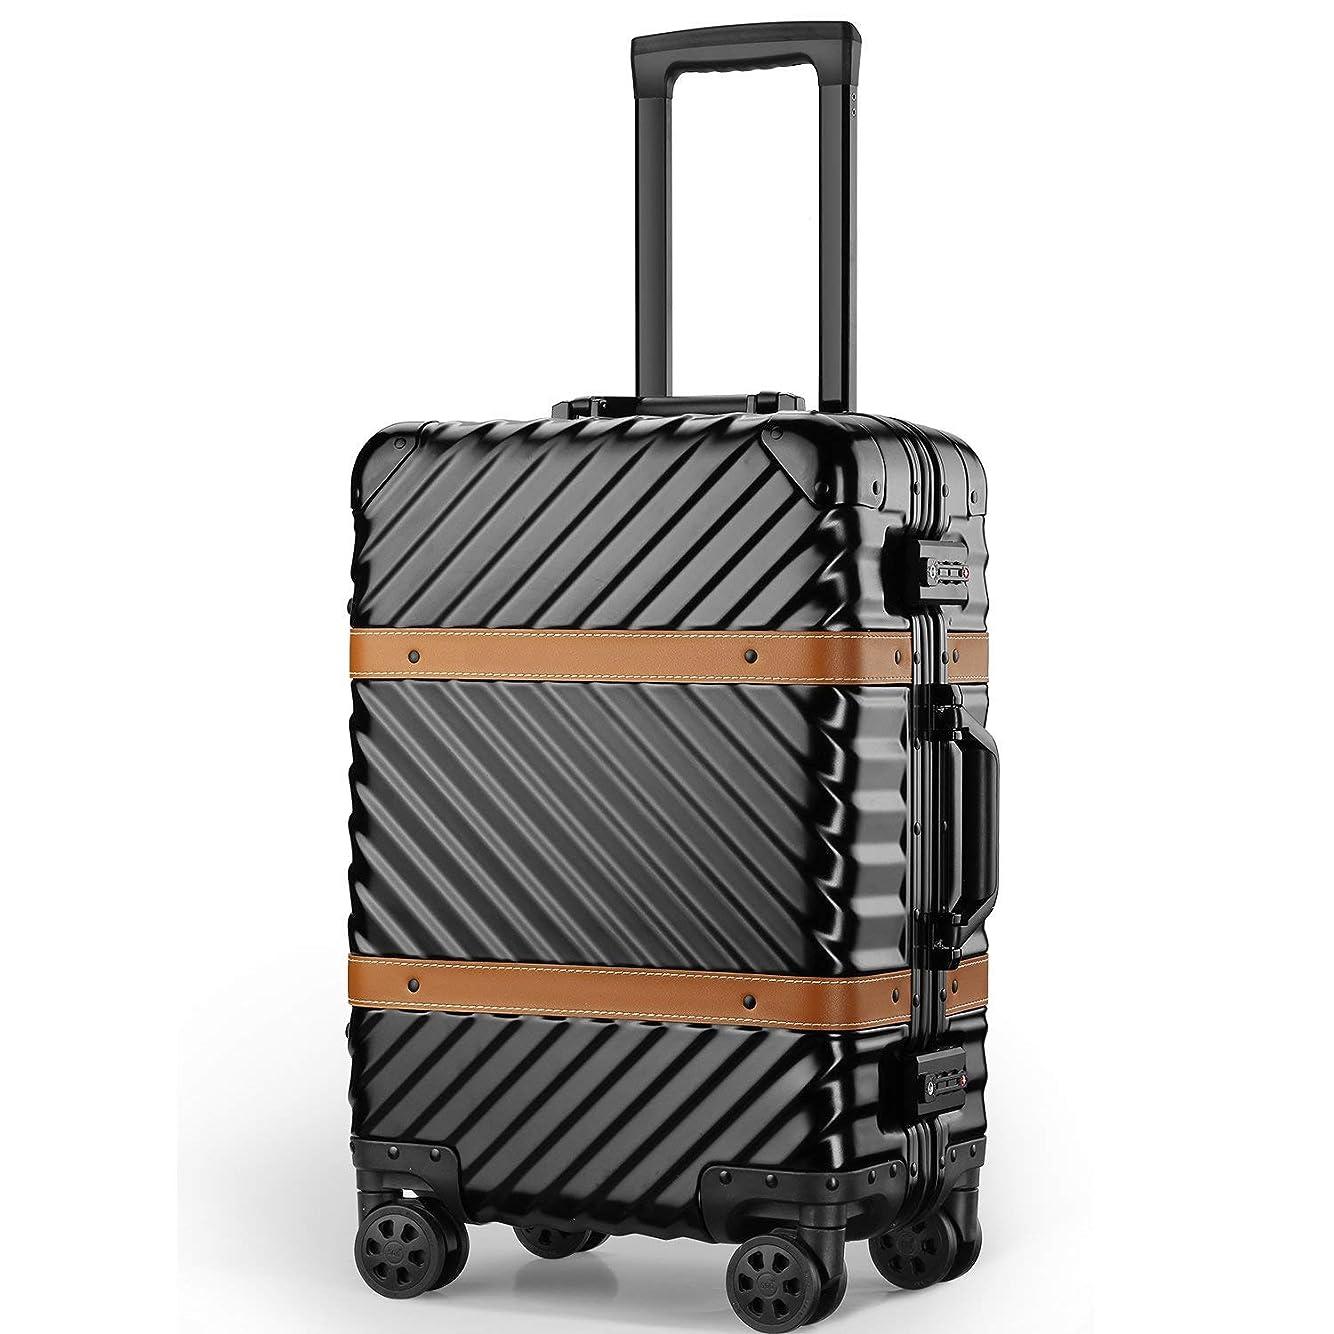 スプーン計算する心理学(P.I.) 旅行用 スーツケース キャリーケース TSAロック 半鏡面仕上げ アライン加工 アルミフレーム レトロ 旅行 出張 軽量 静音 ファスナーレス 保護カバー付き